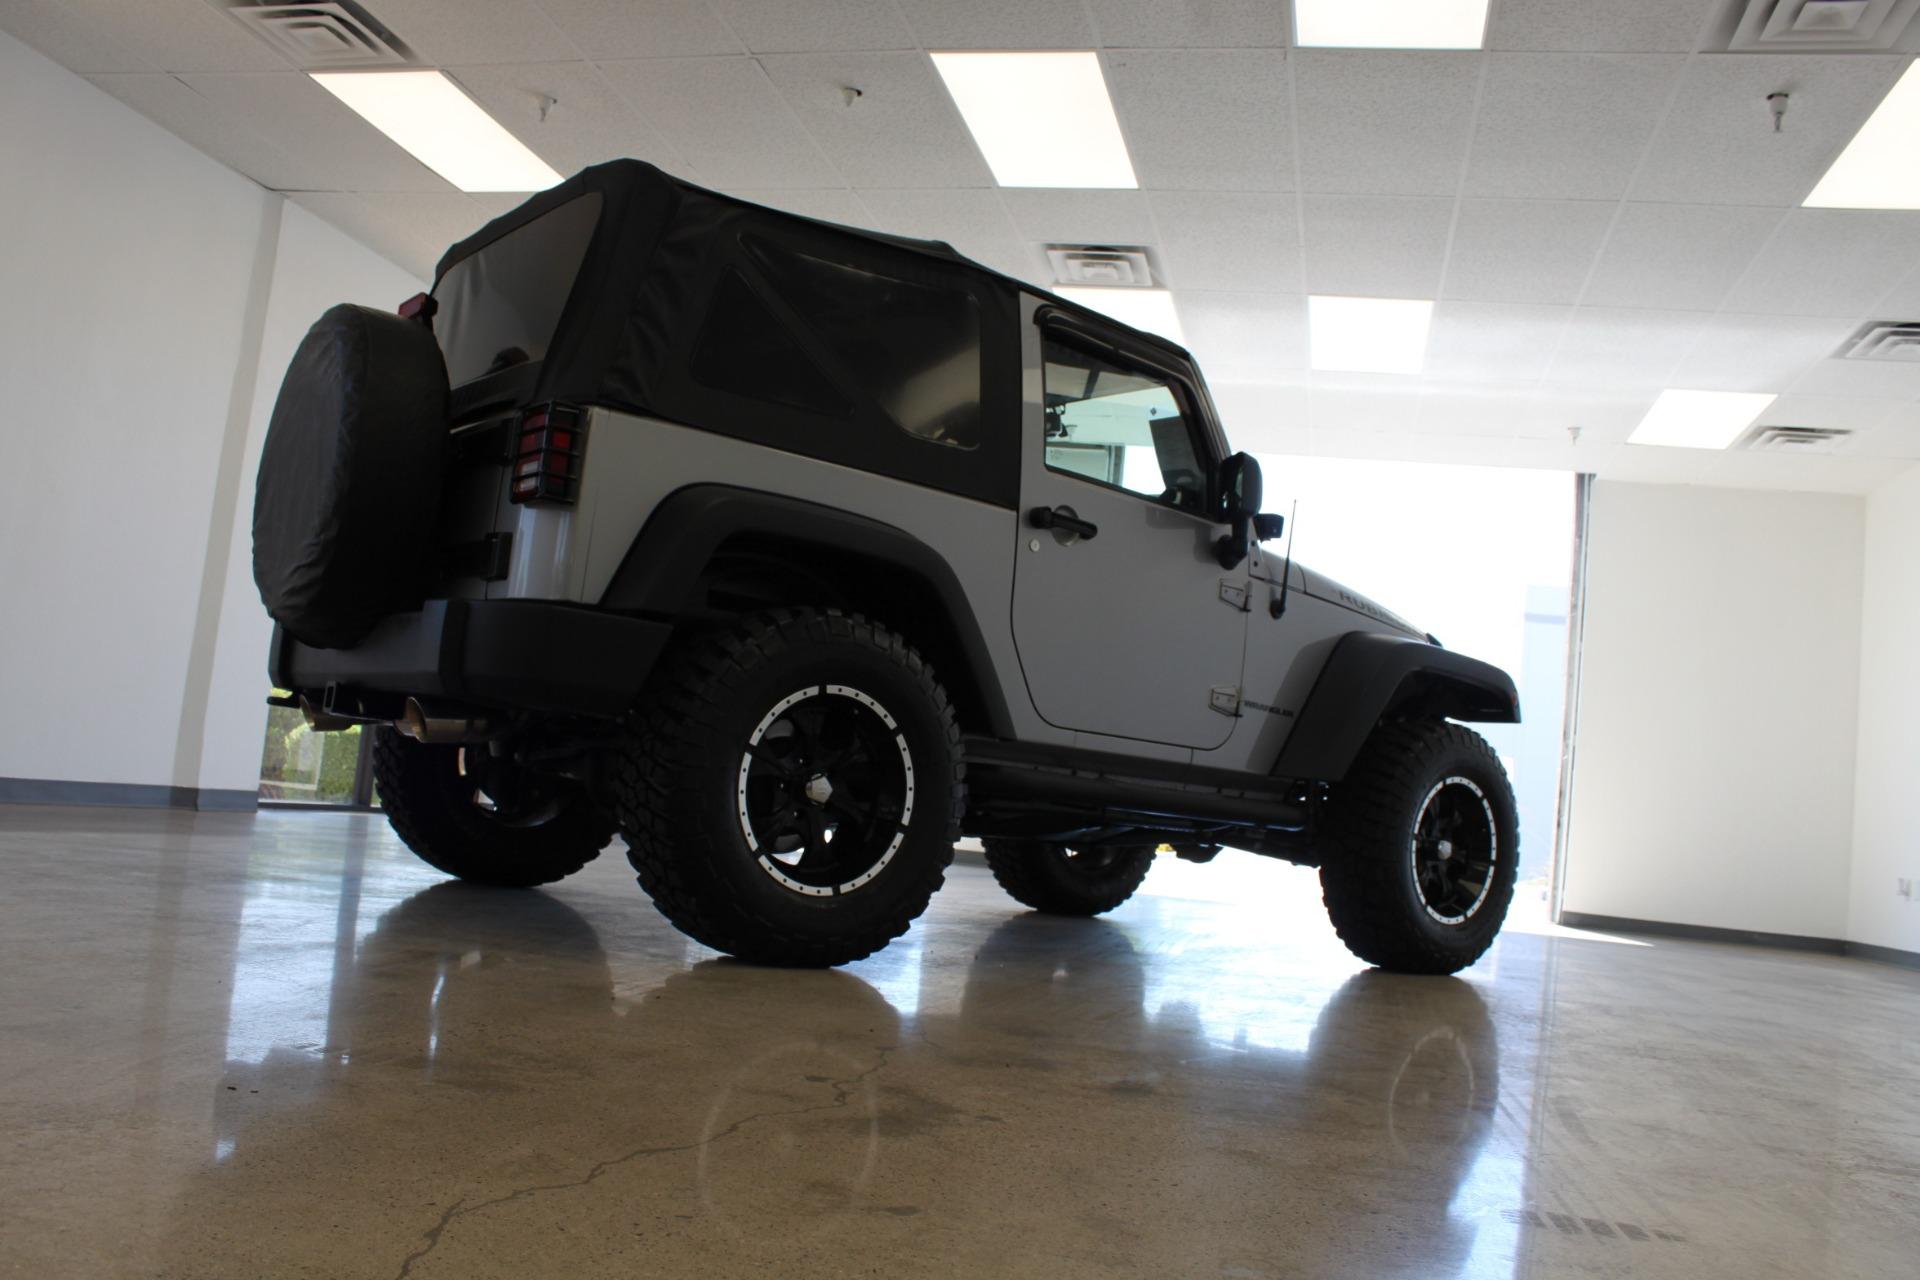 Used-2013-Jeep-Wrangler-Rubicon-Lexus